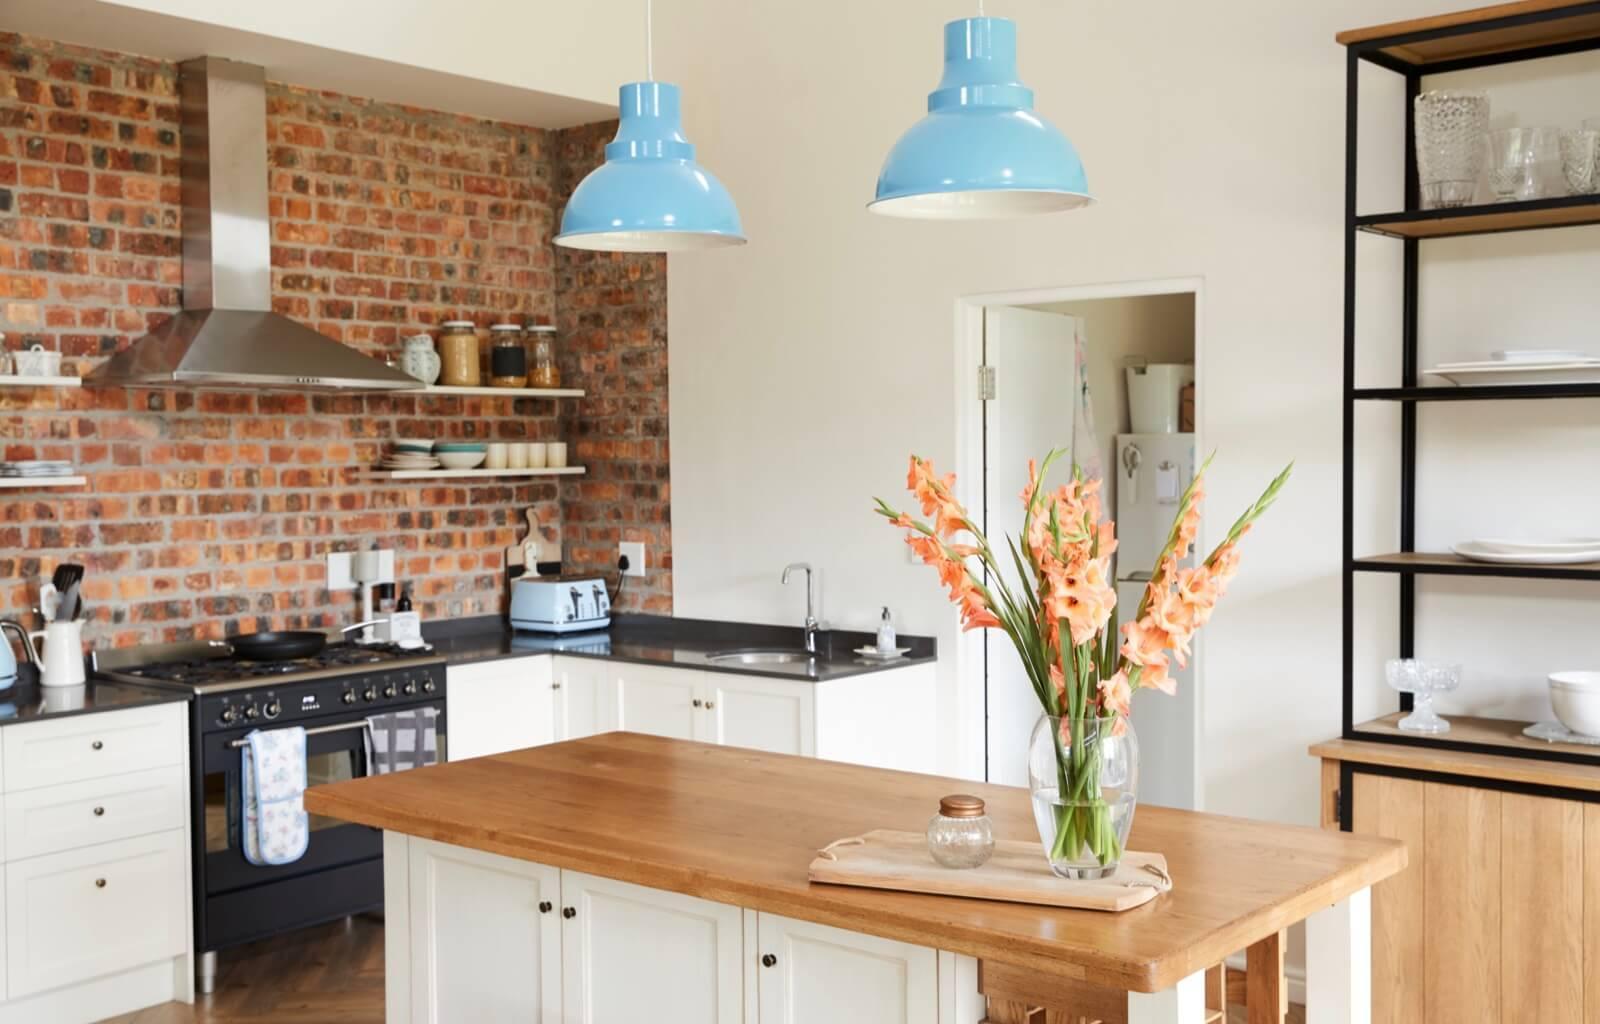 Gemauerte Küchen Landhausstil Mediterran